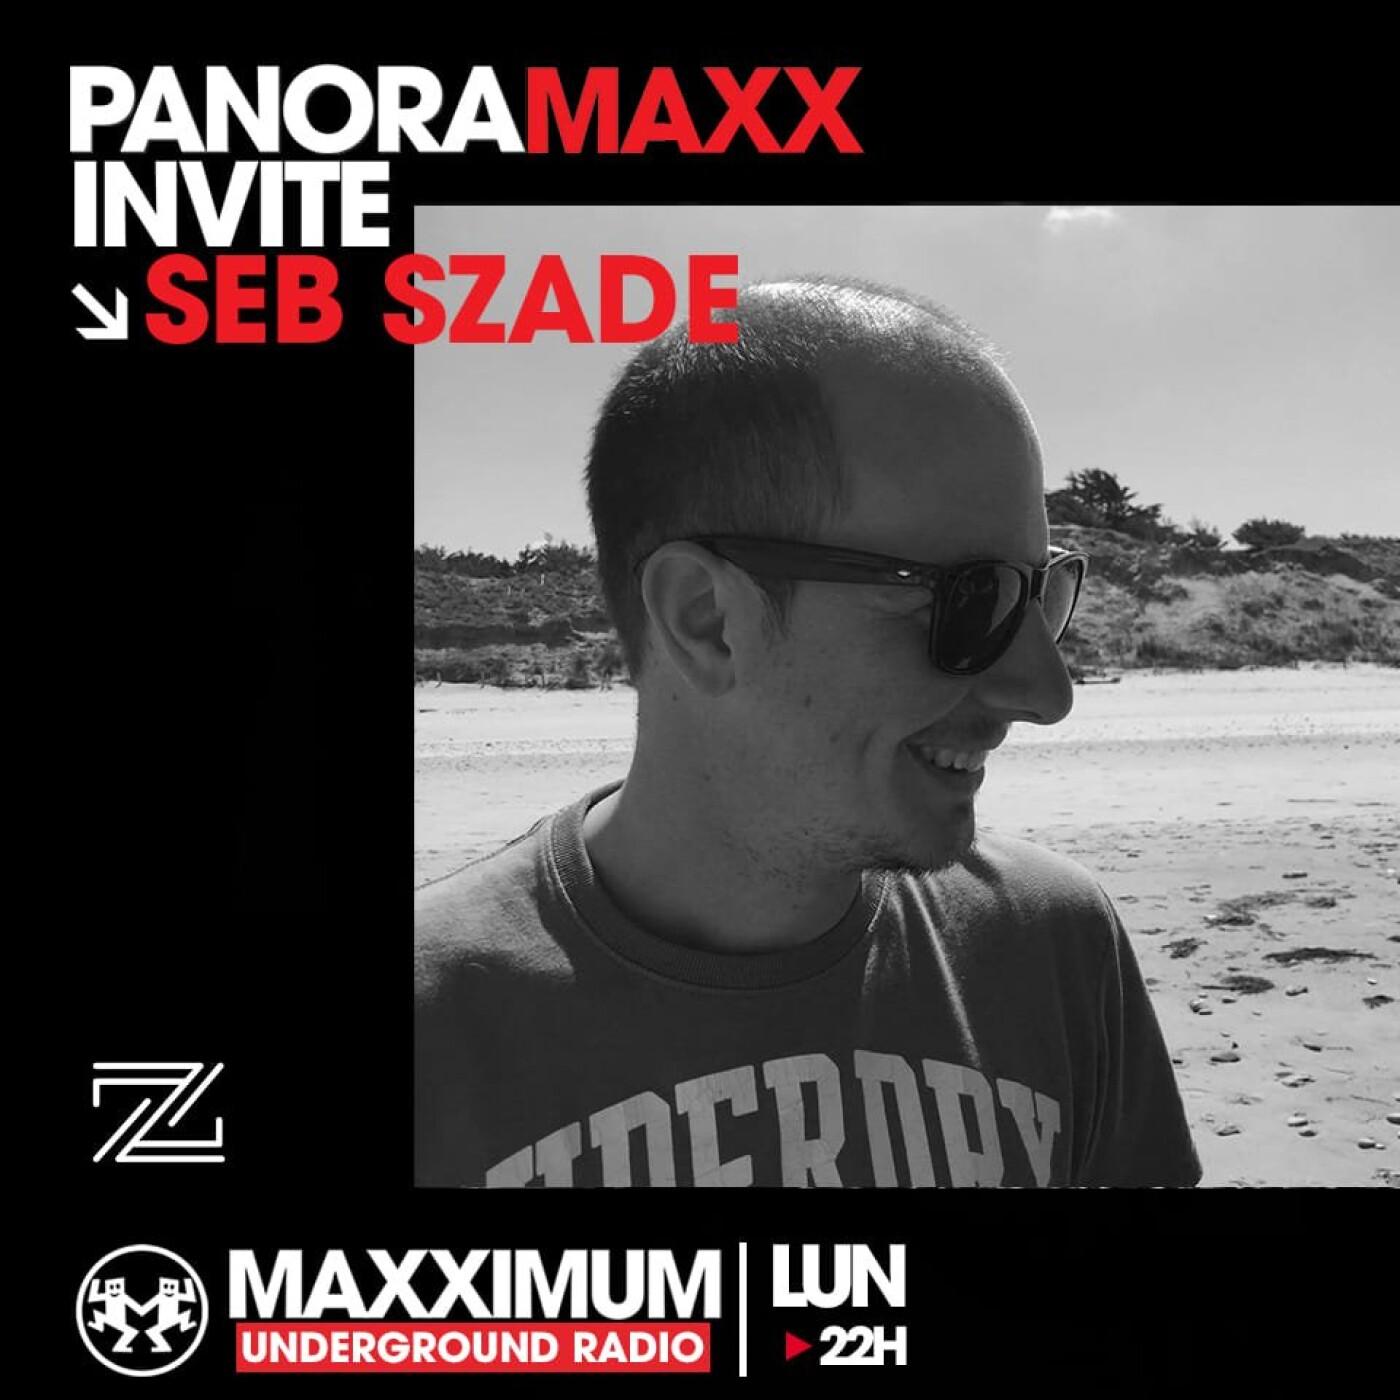 PANORAMAXX : SEB SZADE